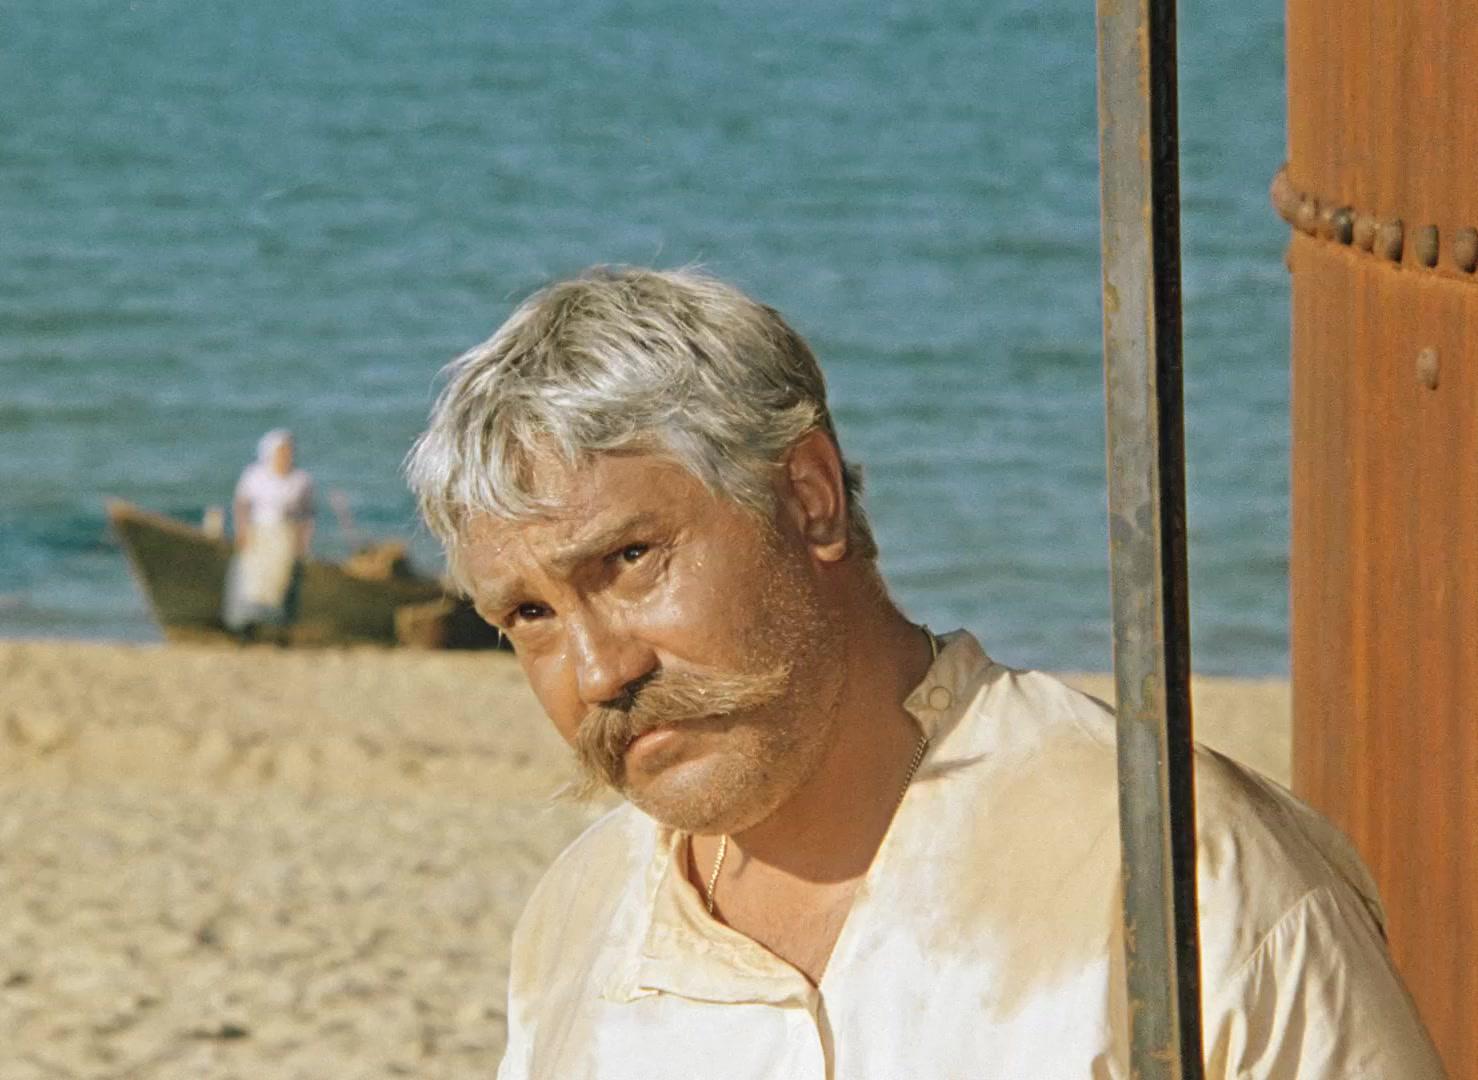 White.Sun.Of.The.Desert.1969.1080p.Blu-Ray.FLAC.DTS.mkv_20140324_085022.043.jpg